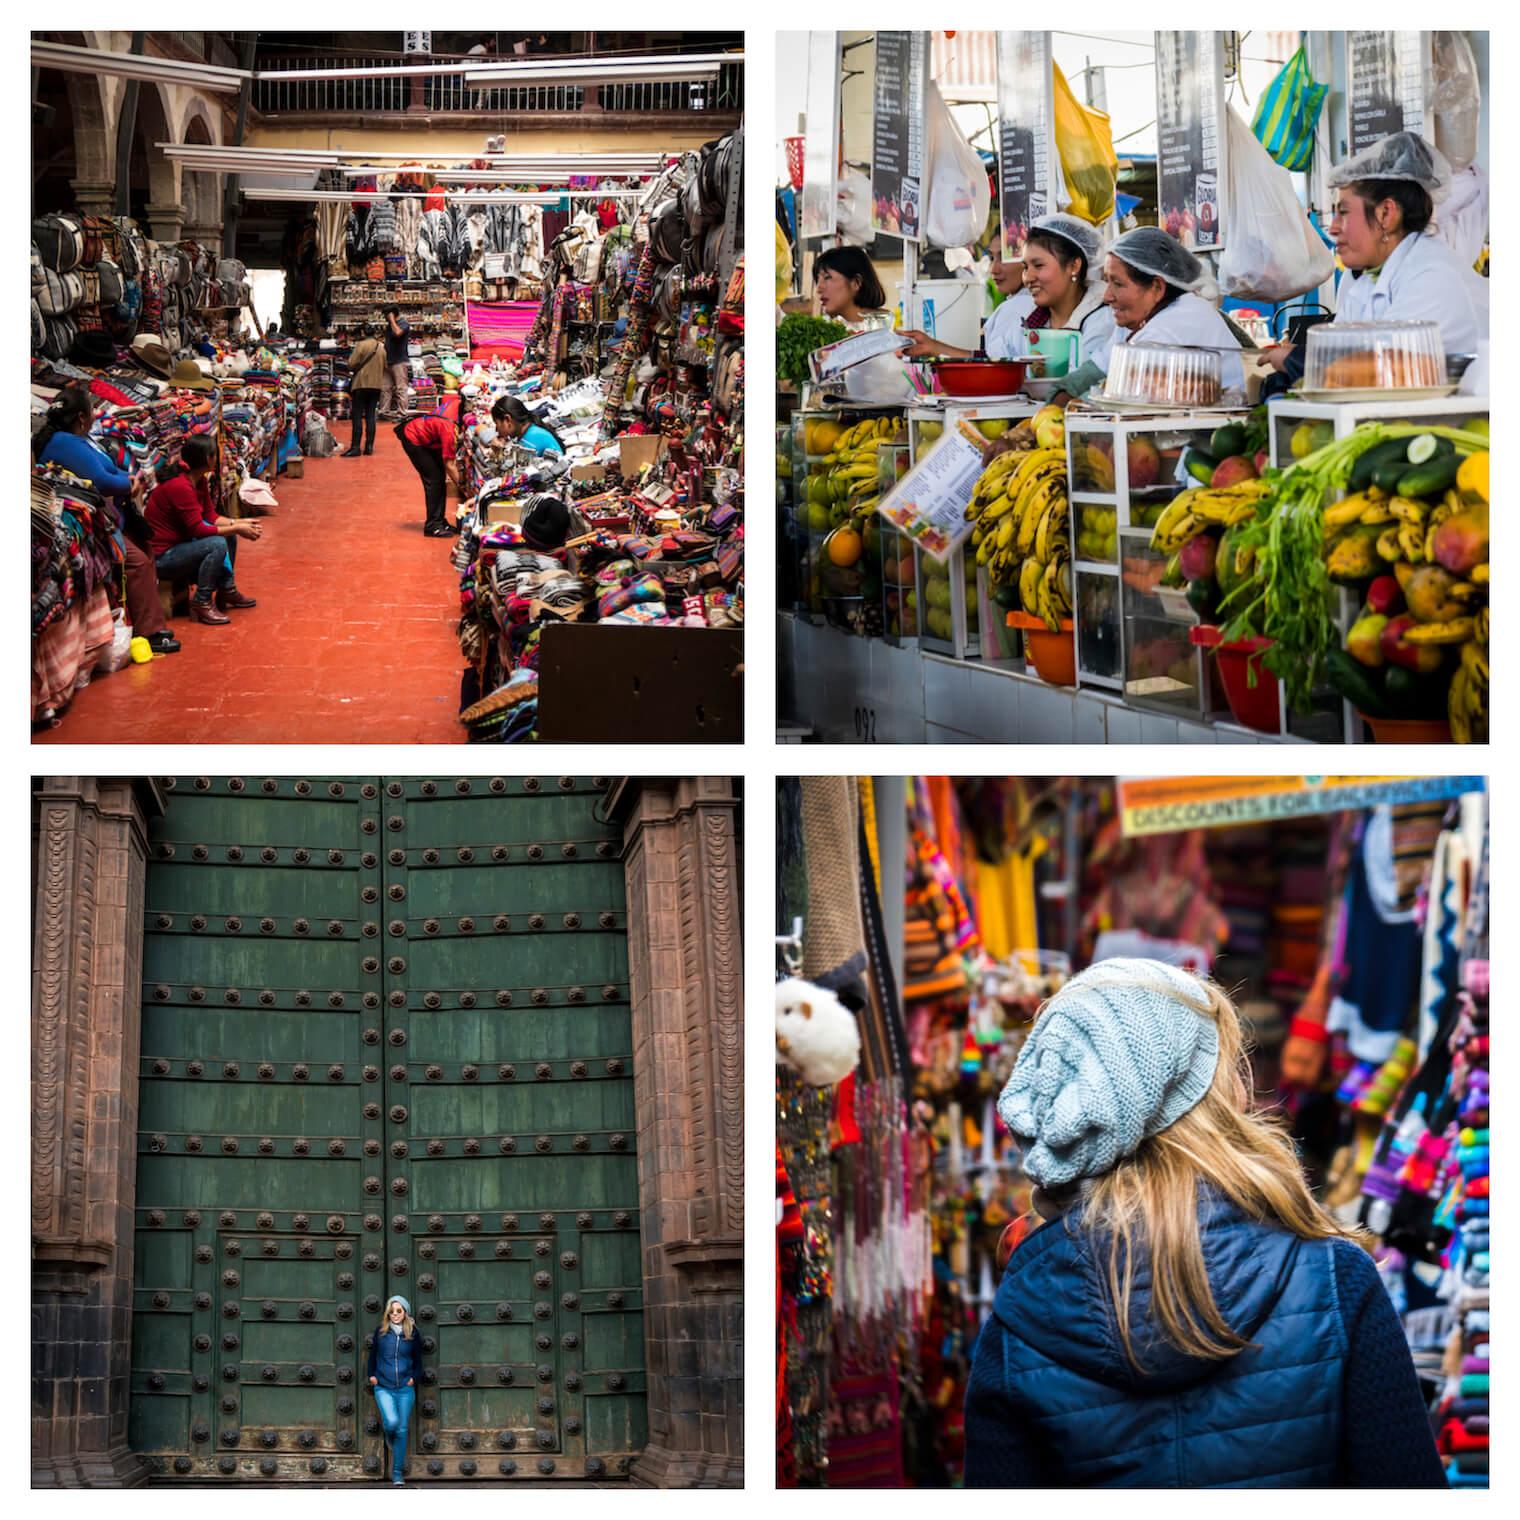 4 Fotos de Cusco - Uma feira de artesanato, mulheres de branco vendendo frutas, um portão verde bem grande com uma garota na frente, uma garota de costas perto de várias coisas coloridas